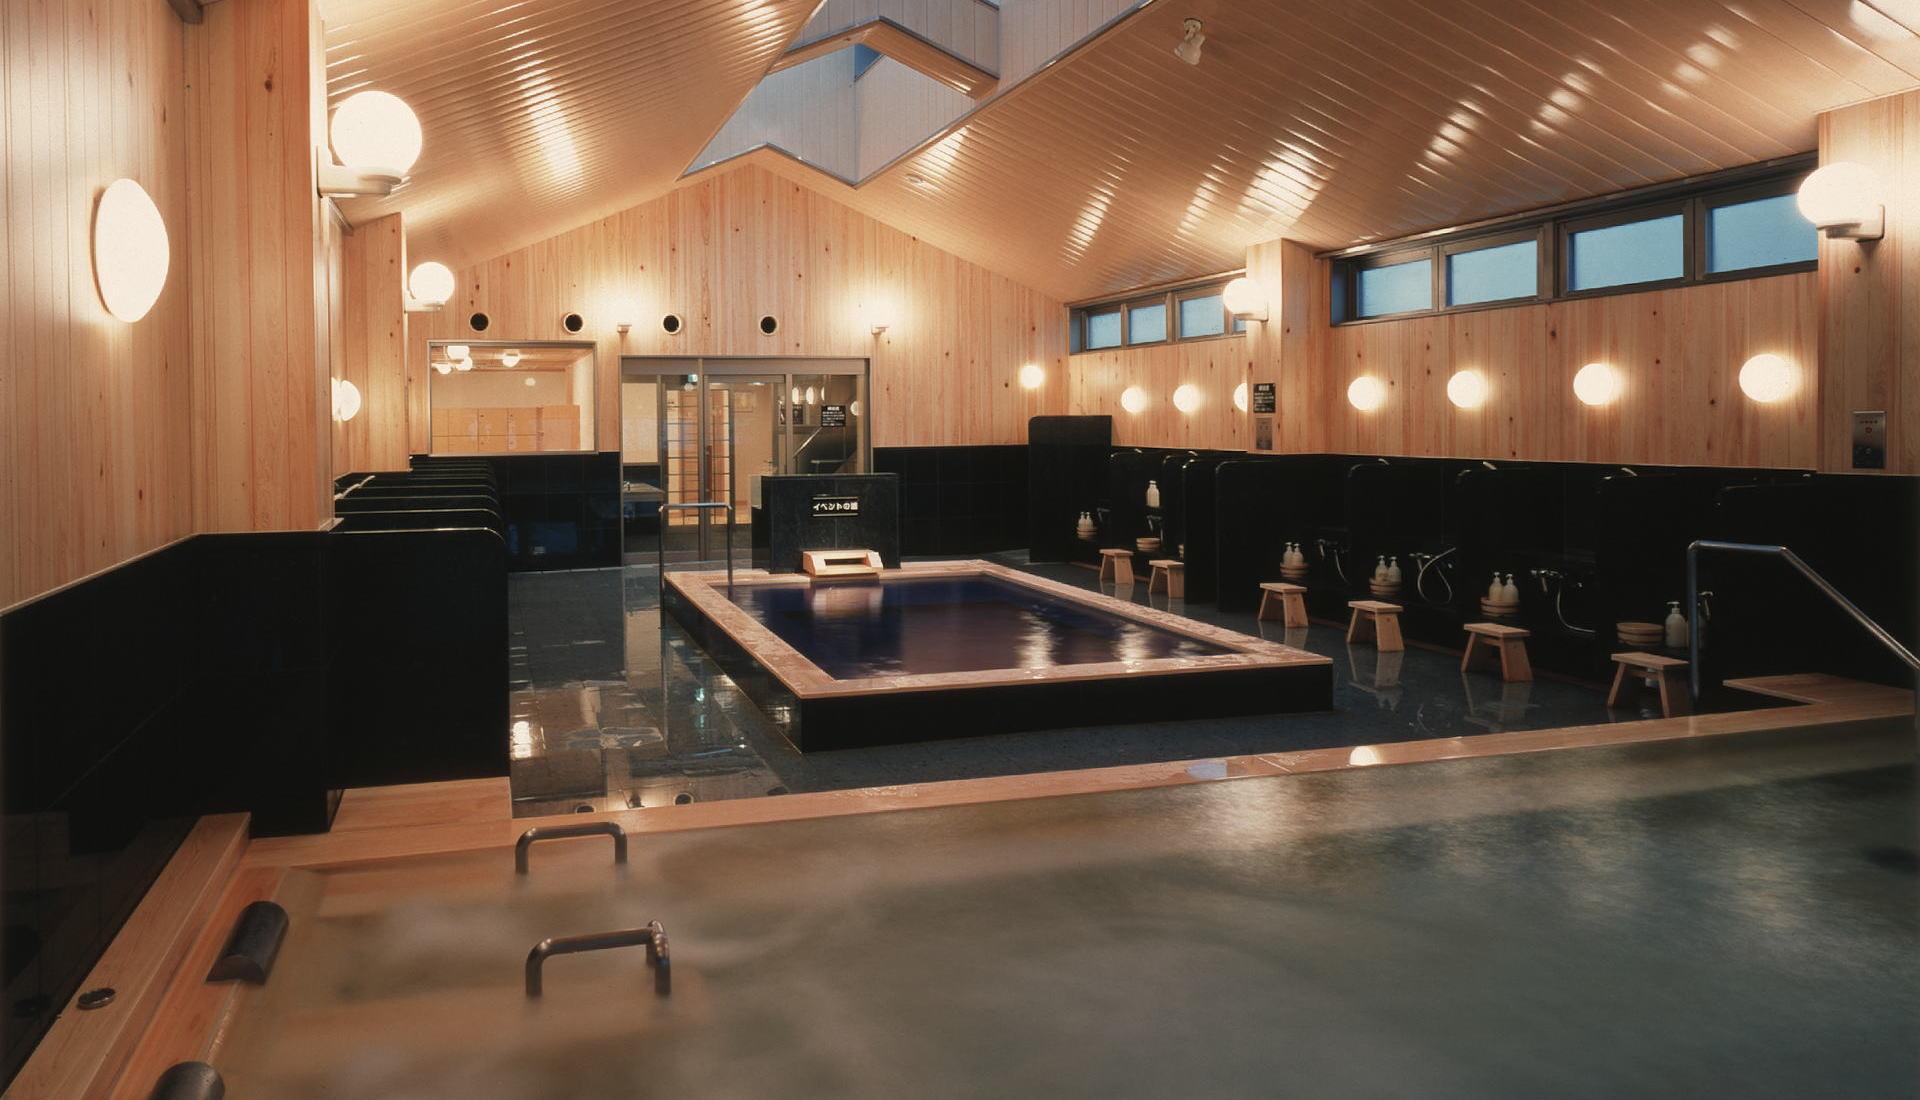 京都旅館松栄は、京都市内の旅館で随一の浴場施設。